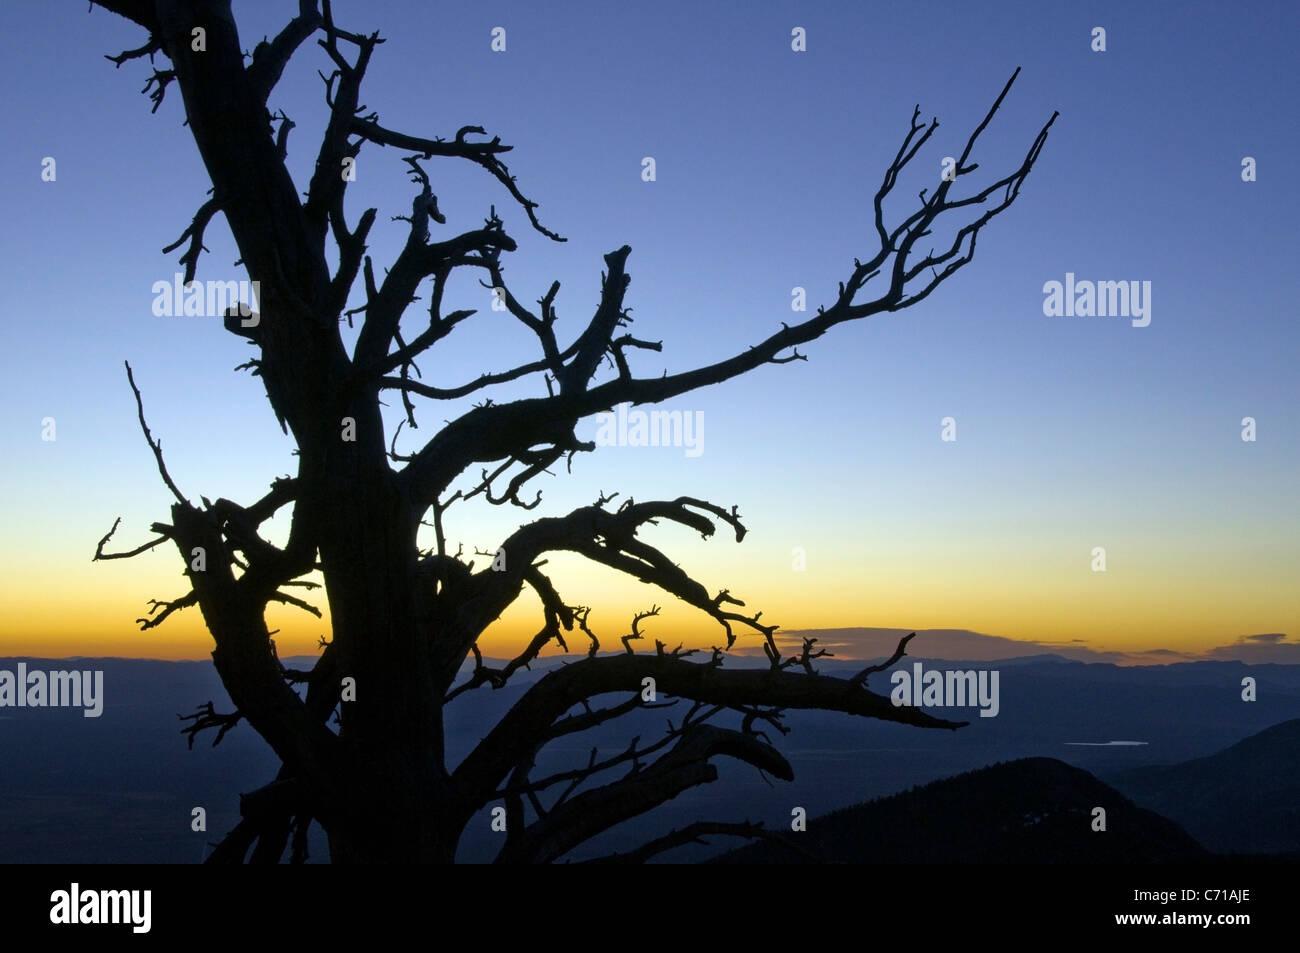 Una silhouette di un albero a sunrise nel Parco nazionale Great Basin, NV. Immagini Stock